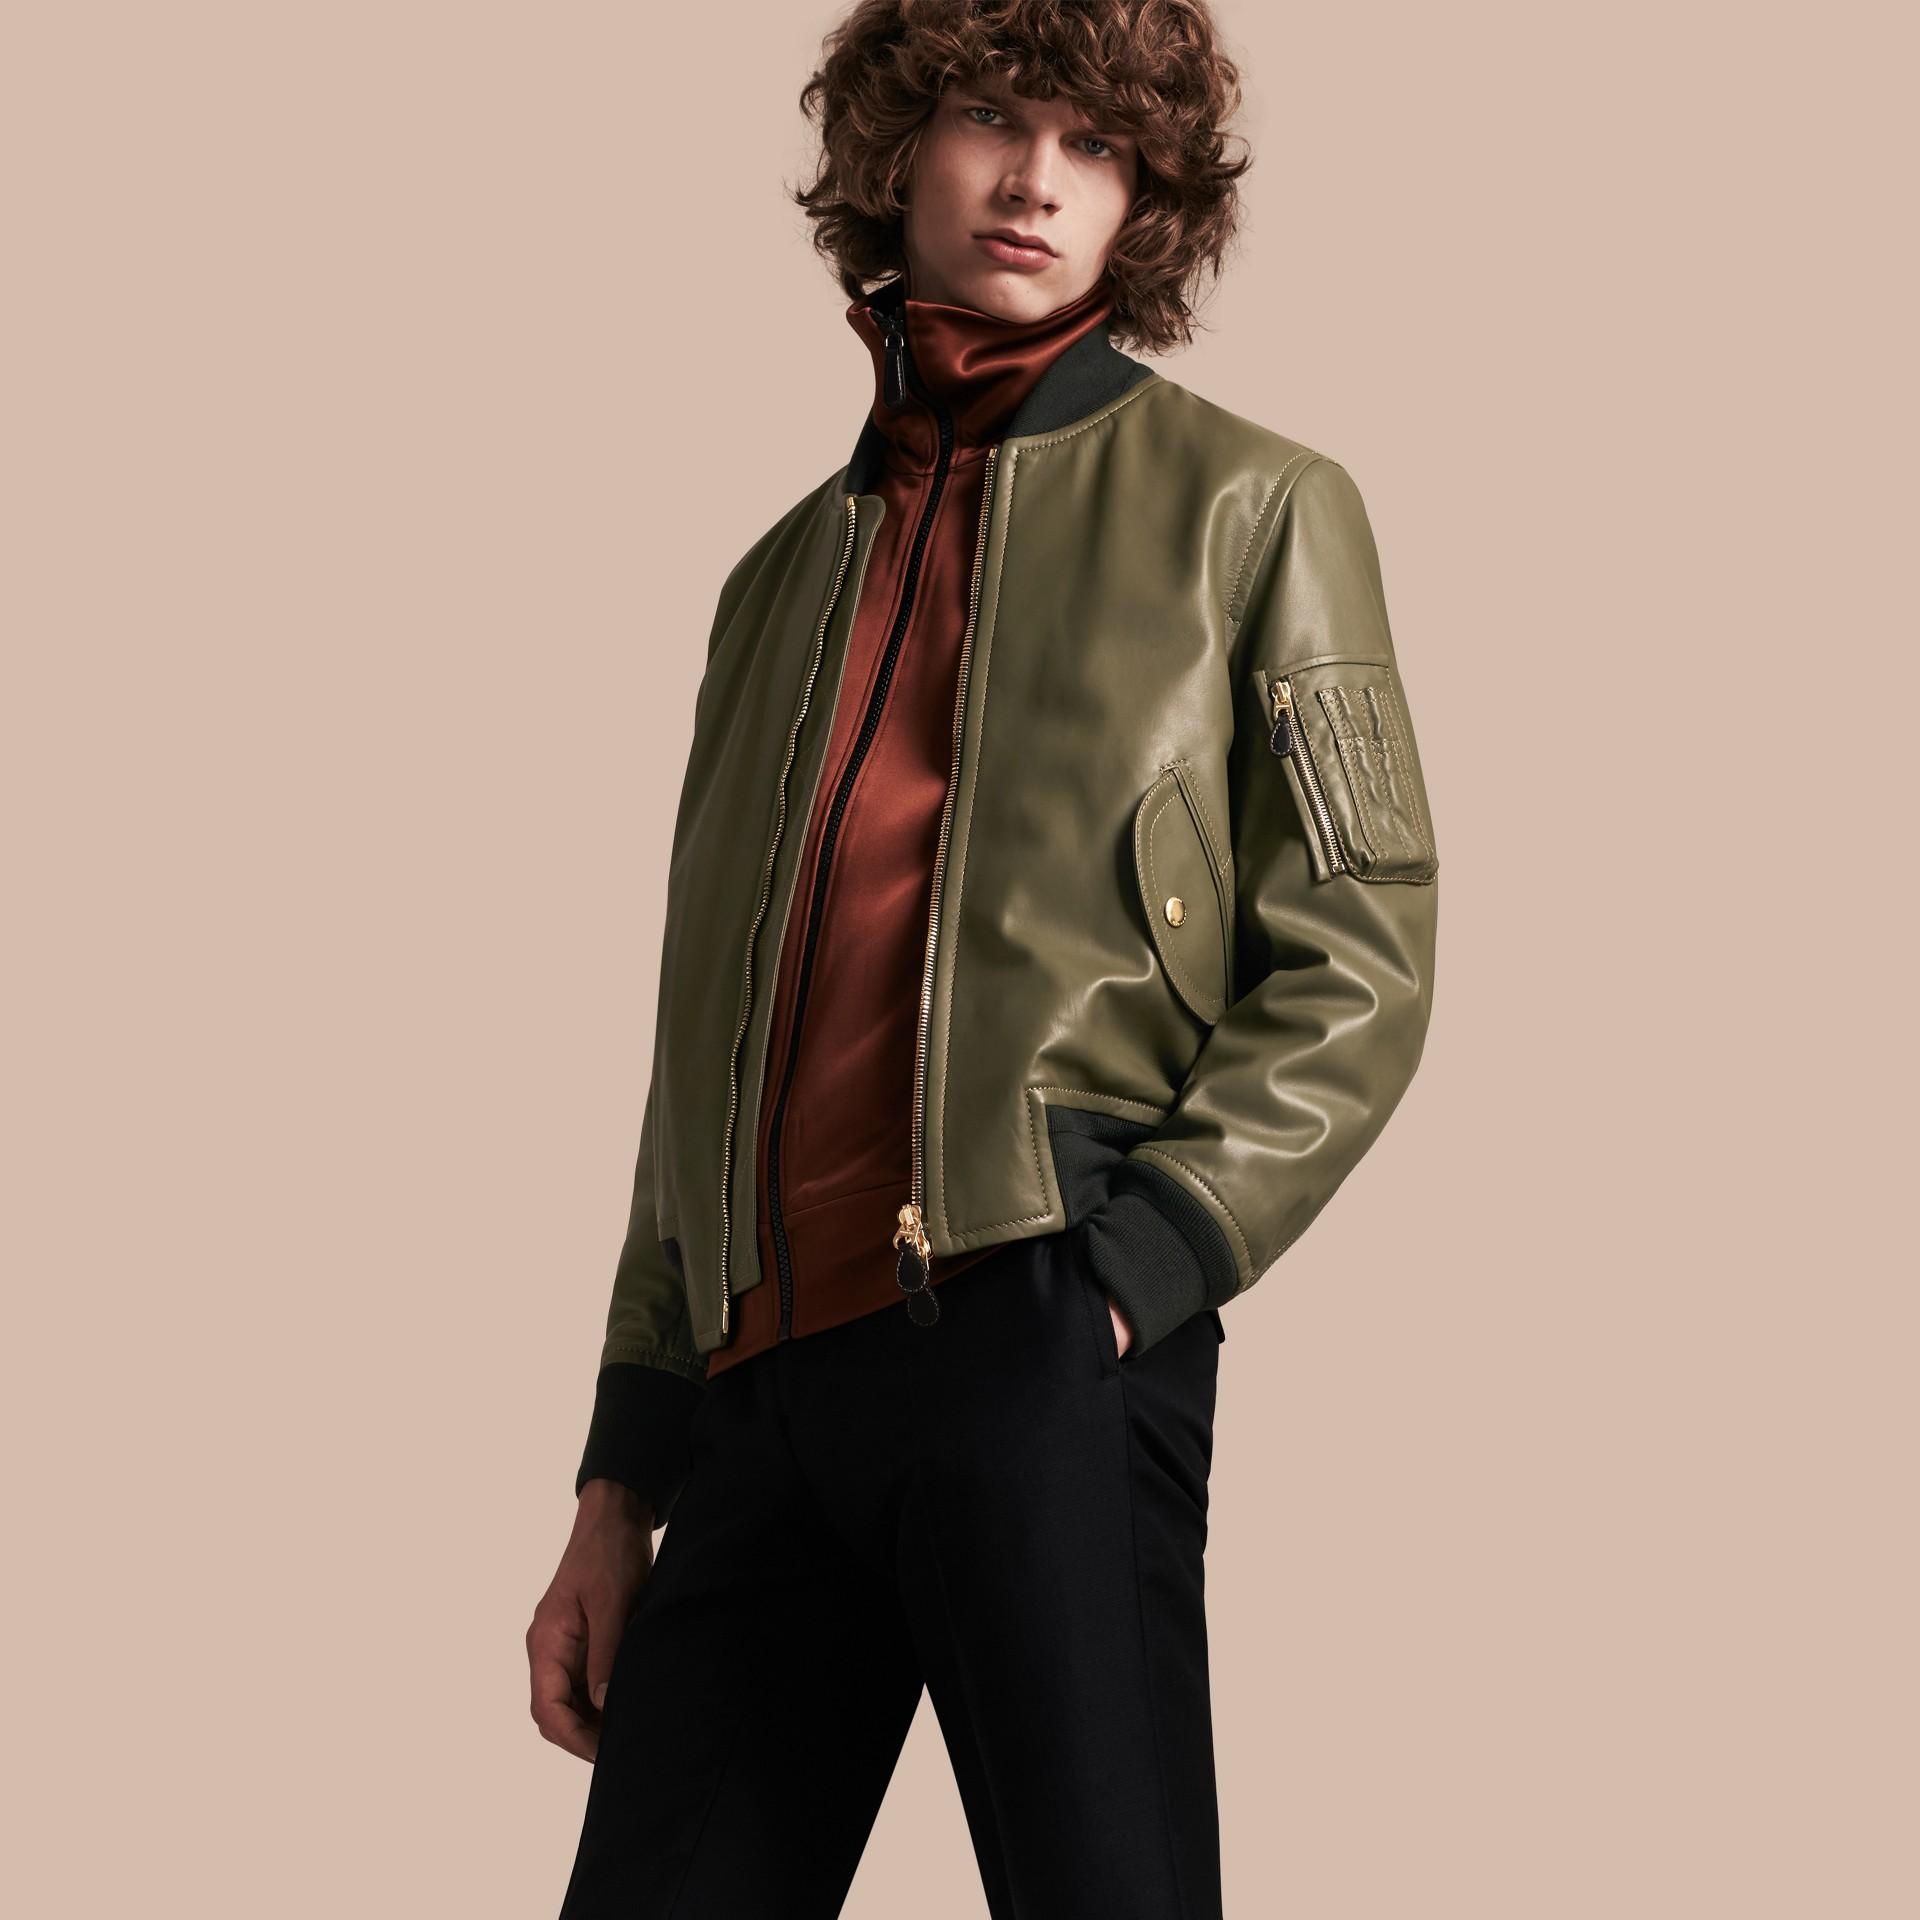 Светлый армейский зеленый Кожаная куртка «пилот» - изображение 1